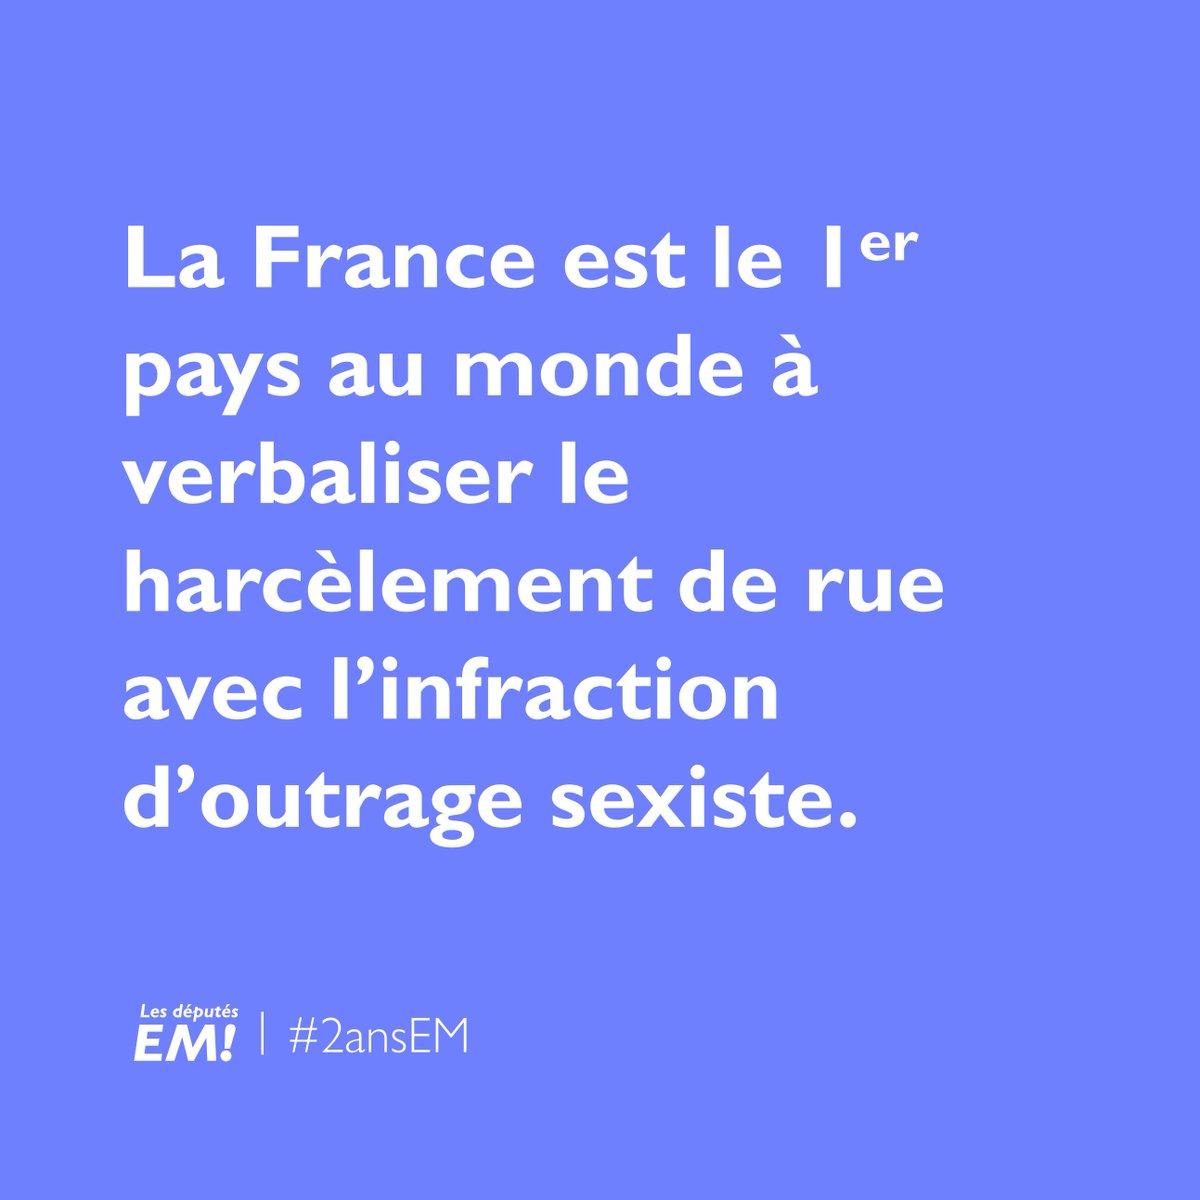 Nous avons engagé une lutte résolue contre les violences sexuelles et sexistes.  🚫La France est le 1er pays du monde à verbaliser le harcèlement de rue avec l'infraction d'outrage sexiste. #2ansEM #LaREM #DirectAN